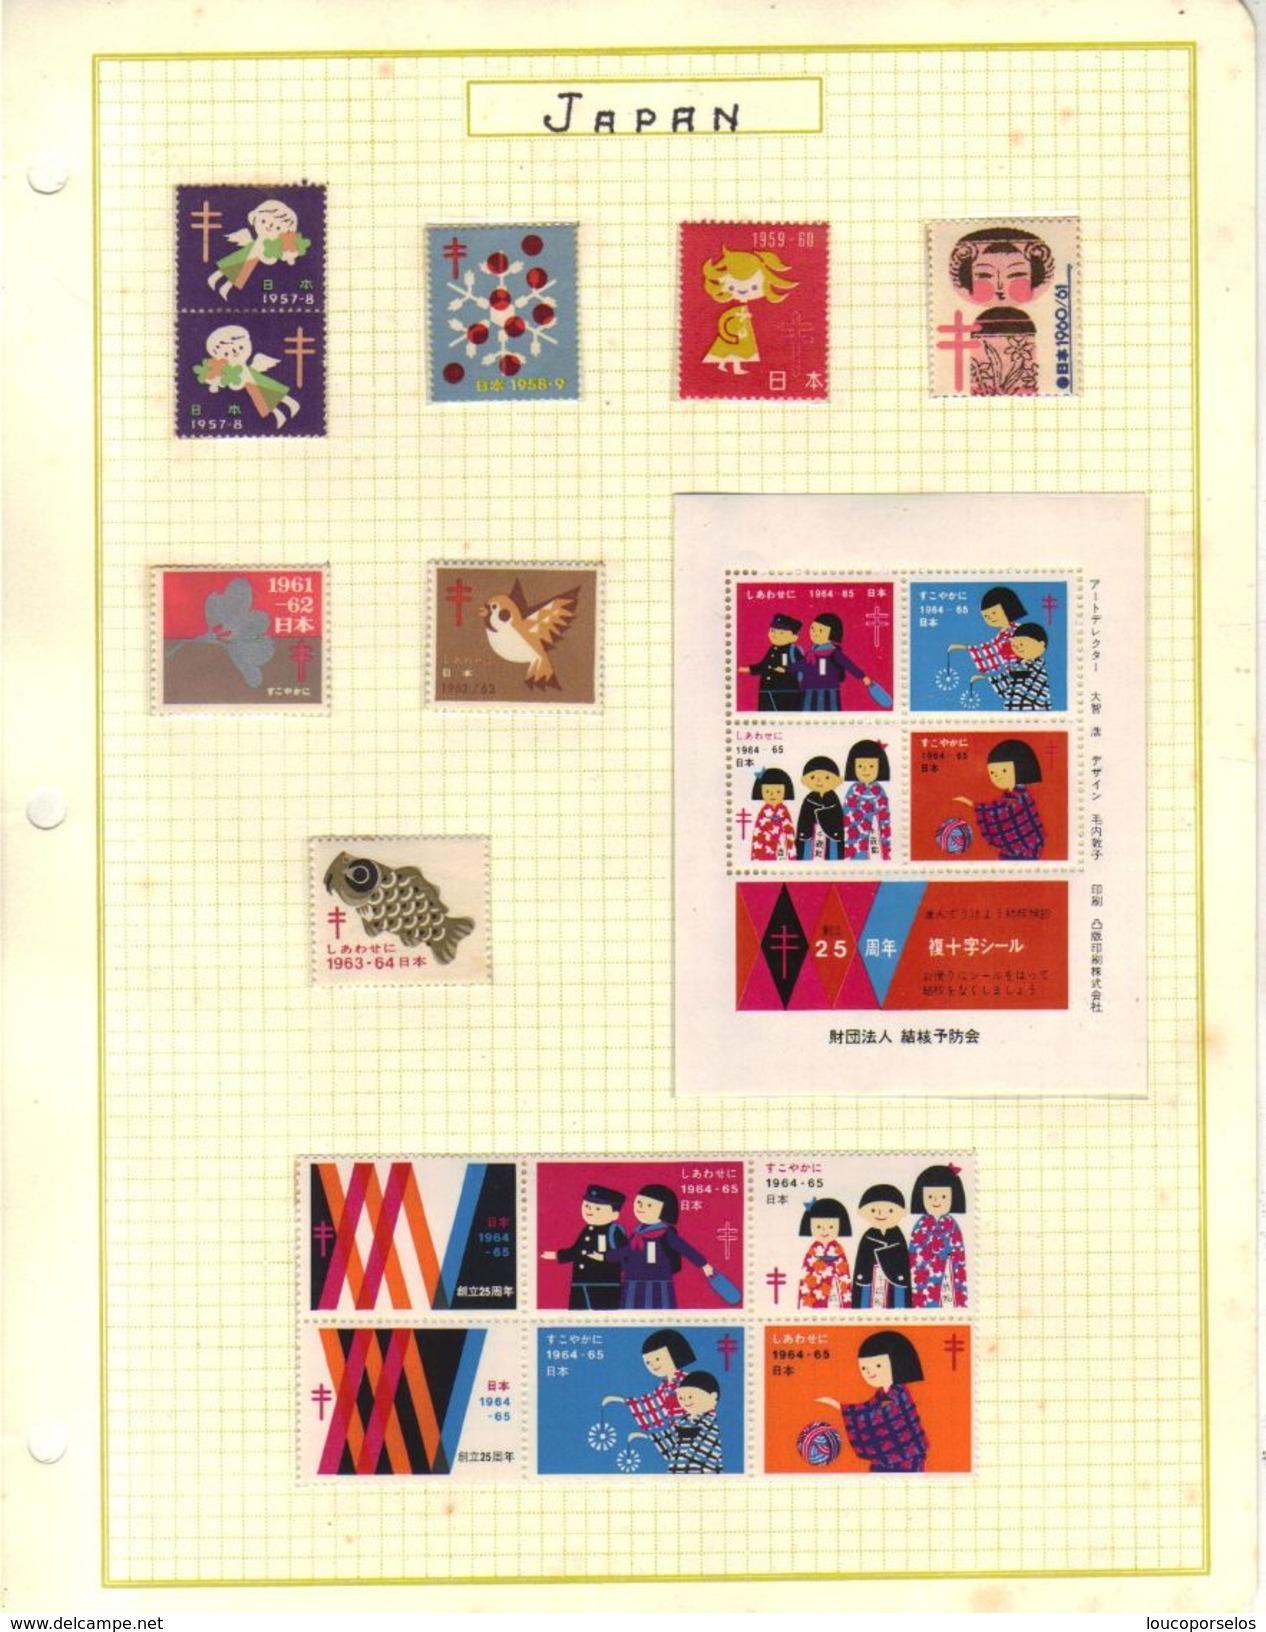 12706 Japão Grande Coleção De Selos, Cadernetas, Blocos De Tuberculose Linda E Rara Em 12 Paginas. - Japon